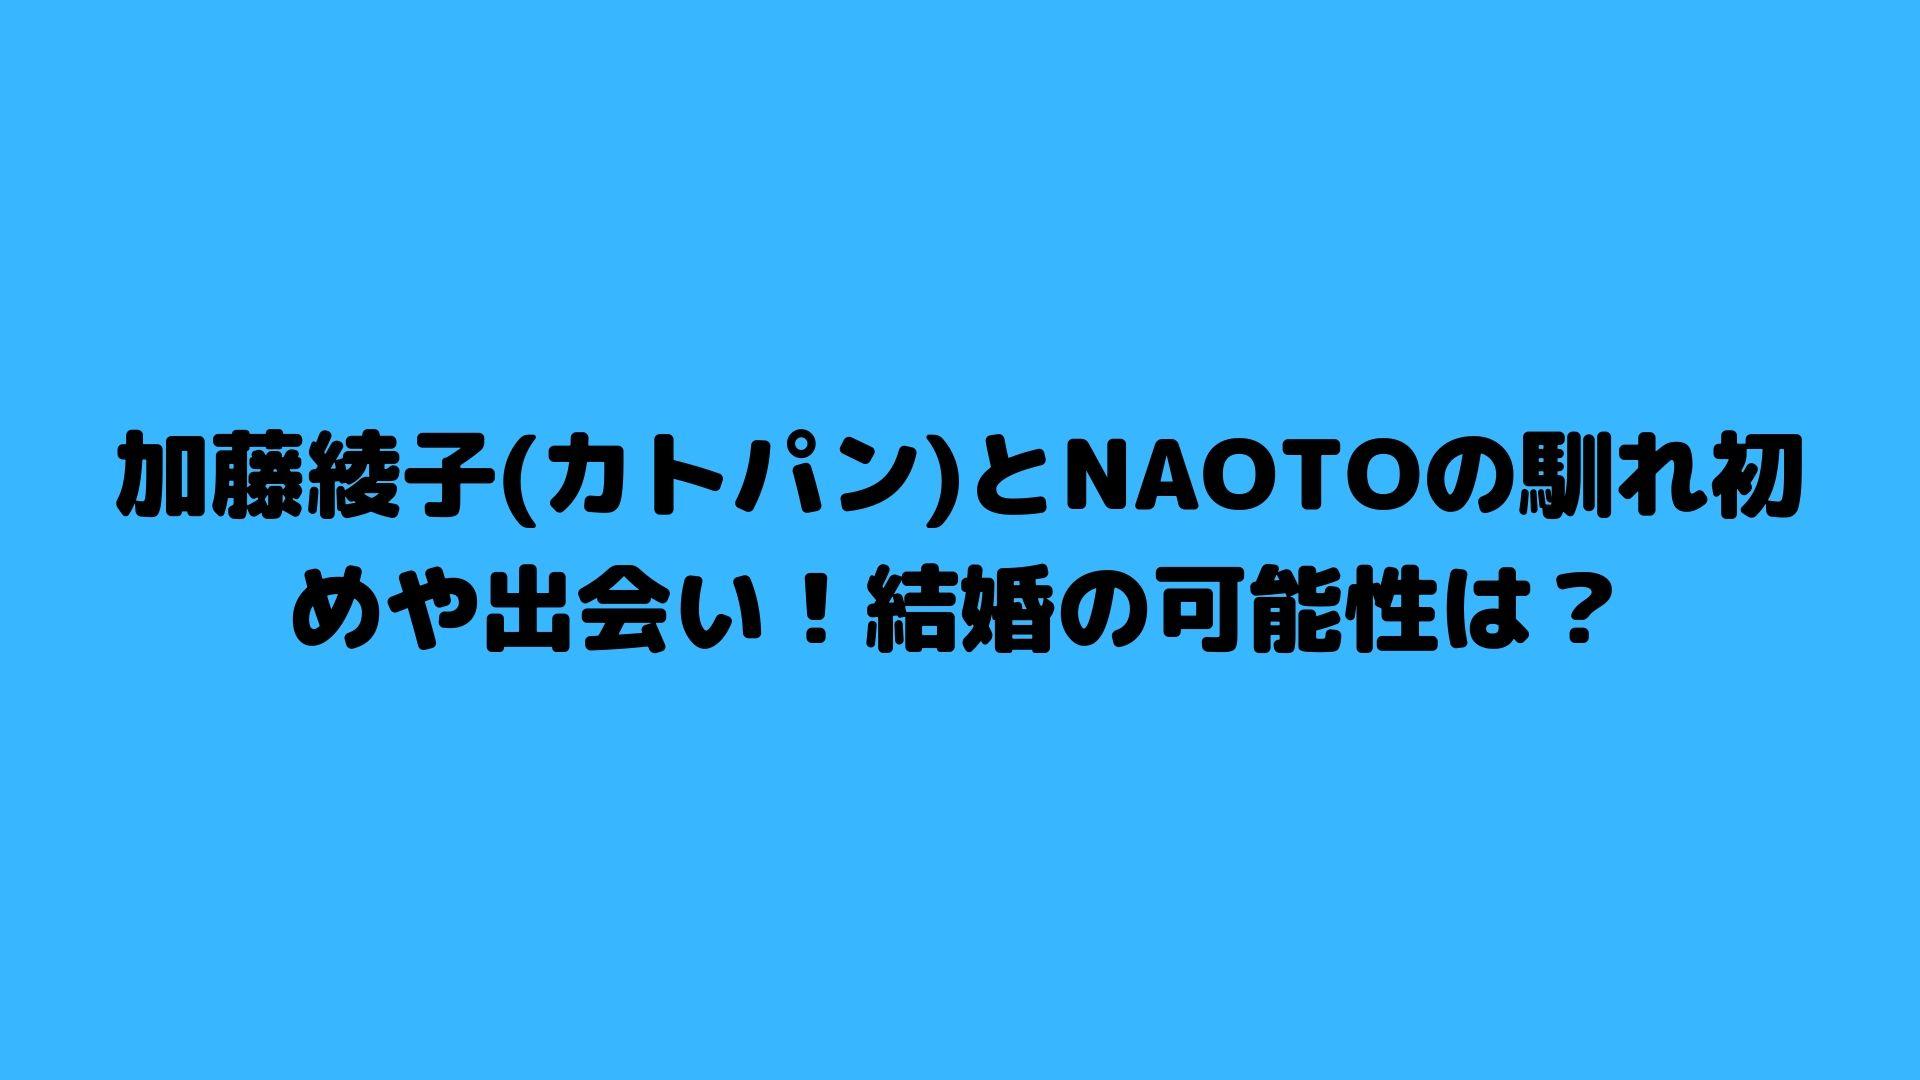 加藤綾子 naoto 馴れ初め